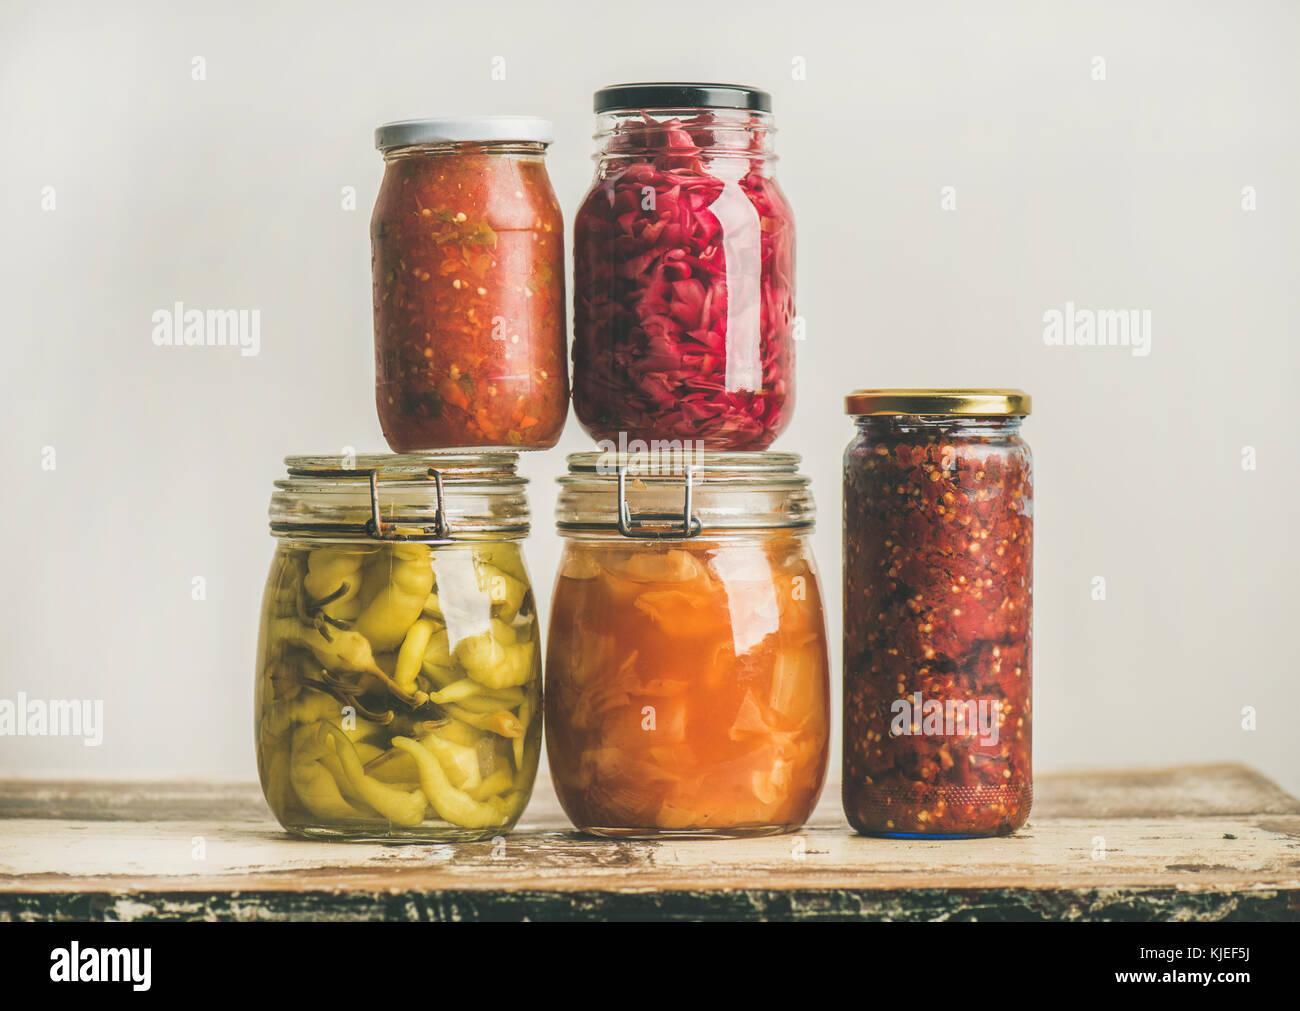 Saison d'automne légumes fermentés ou marinés Accueil La conservation des aliments. Photo Stock